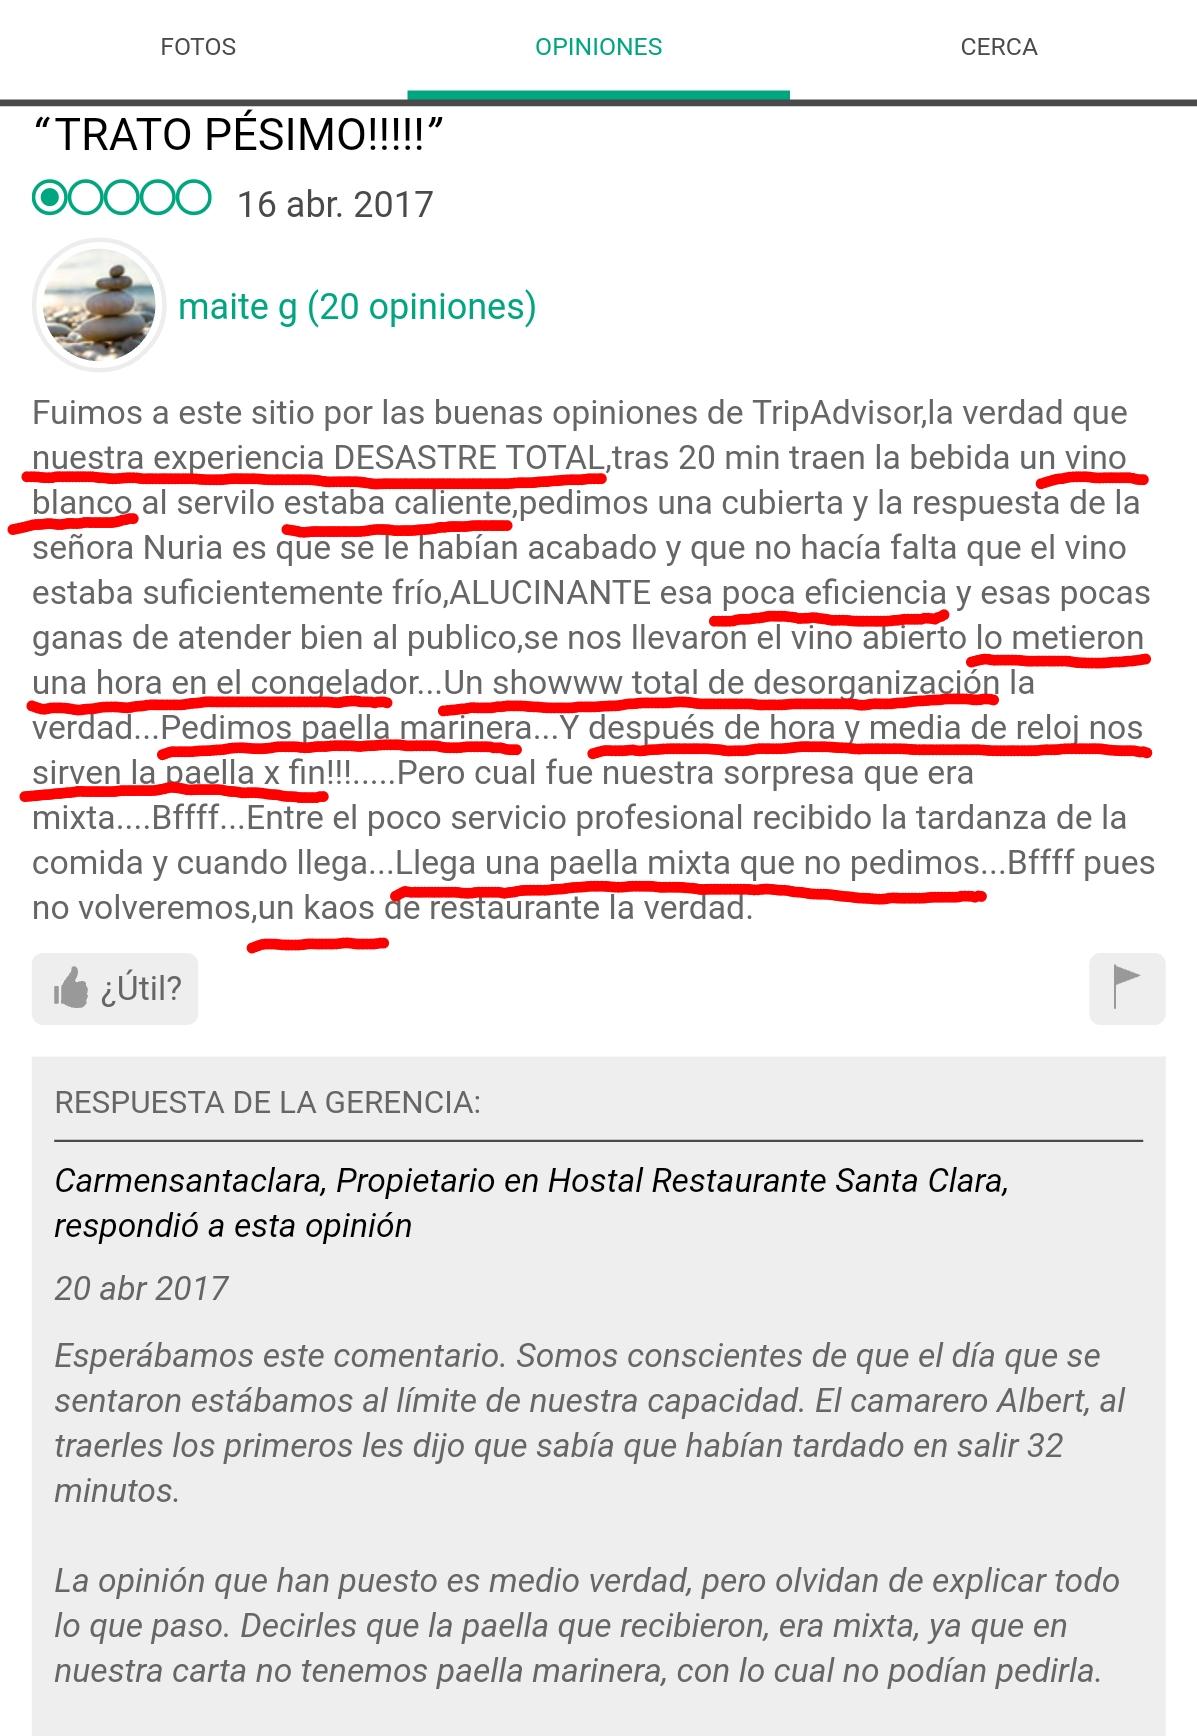 Tripadvisor Santa Clara Estartit Restaurante Desastre Desorganizado opinion